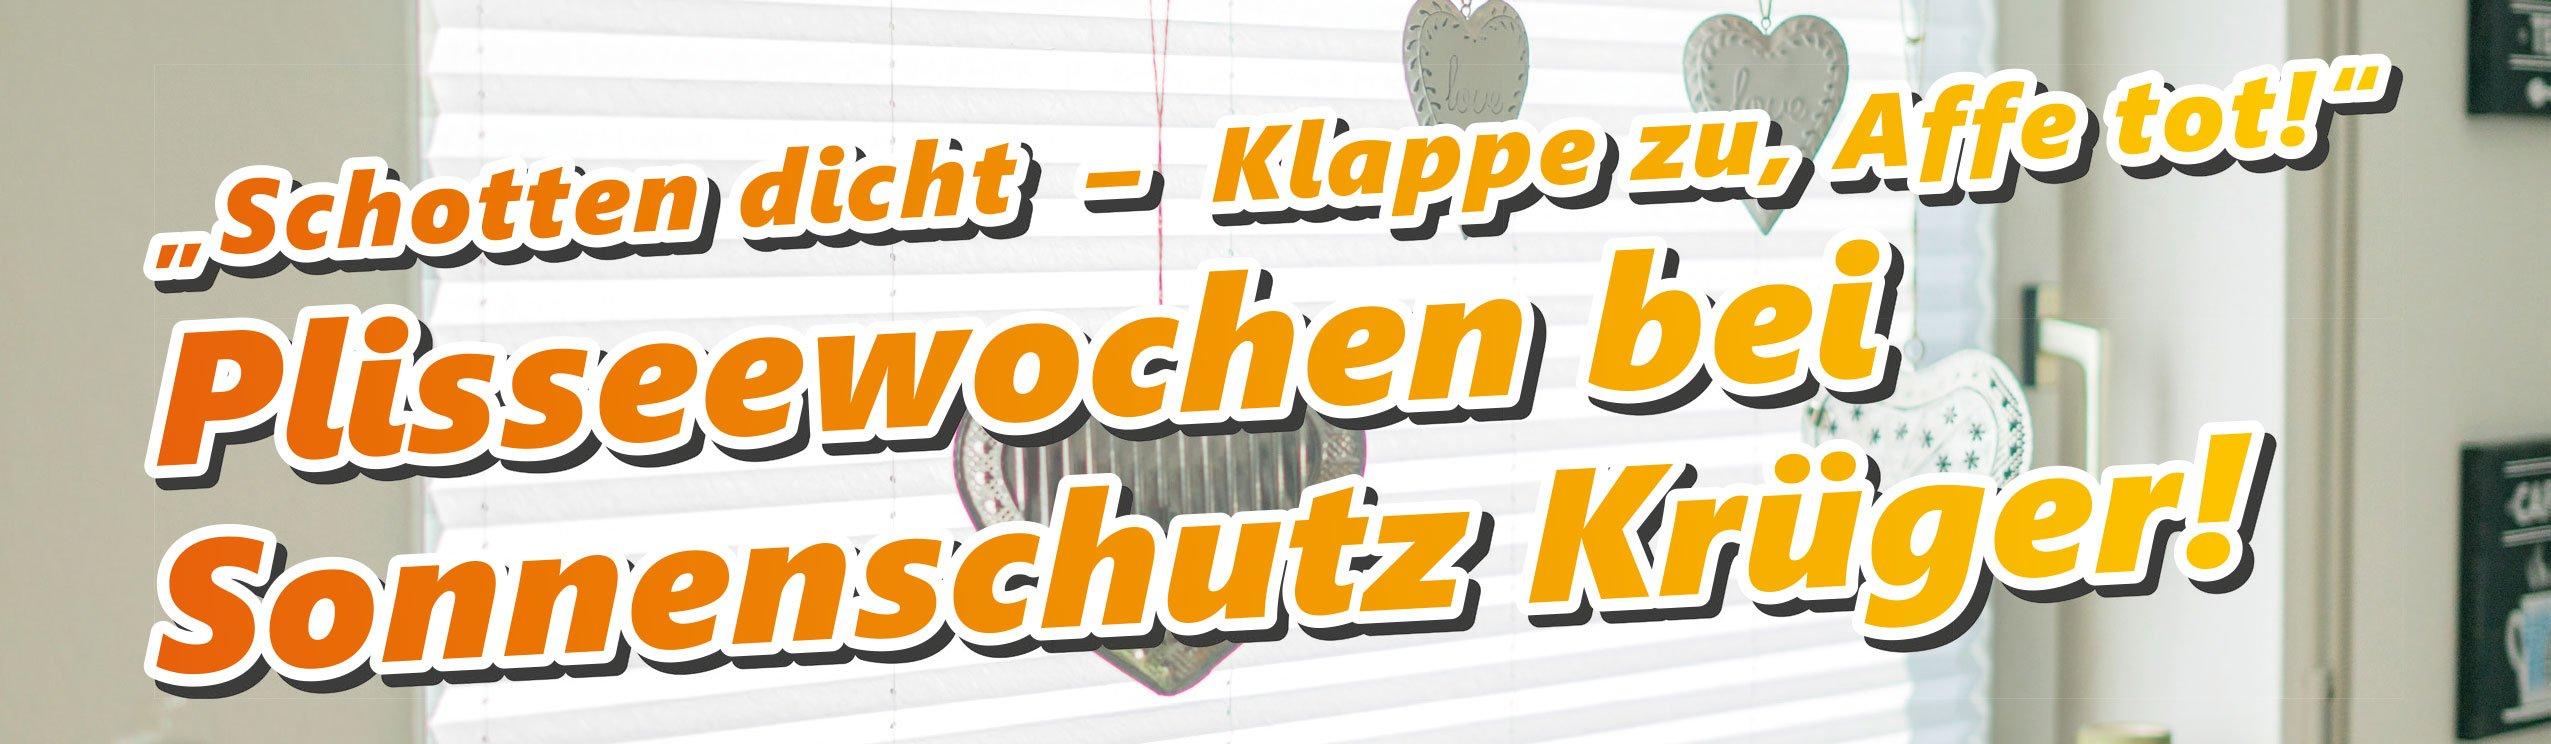 """""""Schotten dicht – Klappe zu, Affe tot!"""" Plisseewochen bei Plisseewochen bei Sonnenschutz Krüger!"""